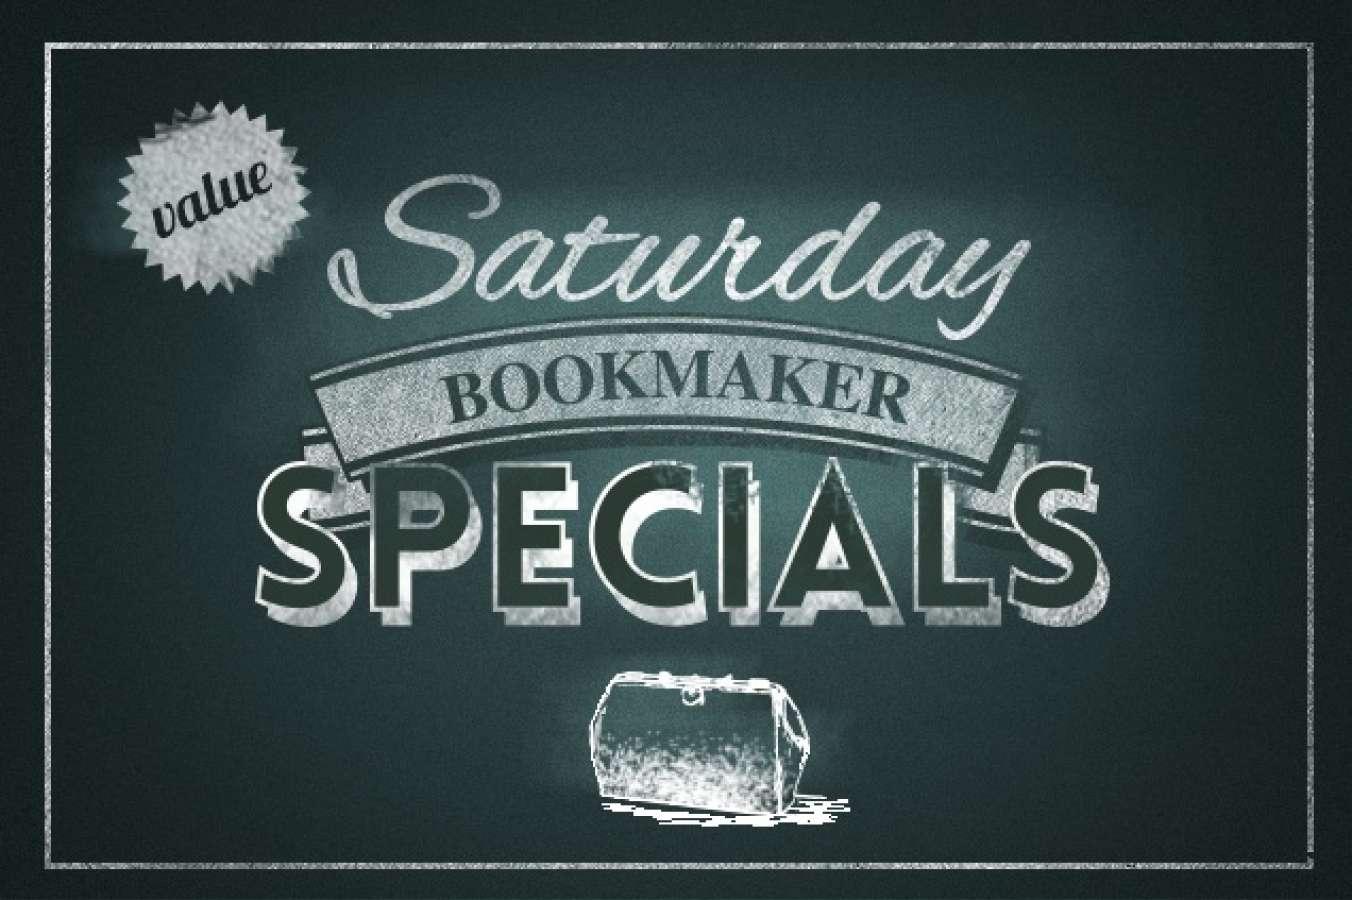 Saturday bookmaker specials